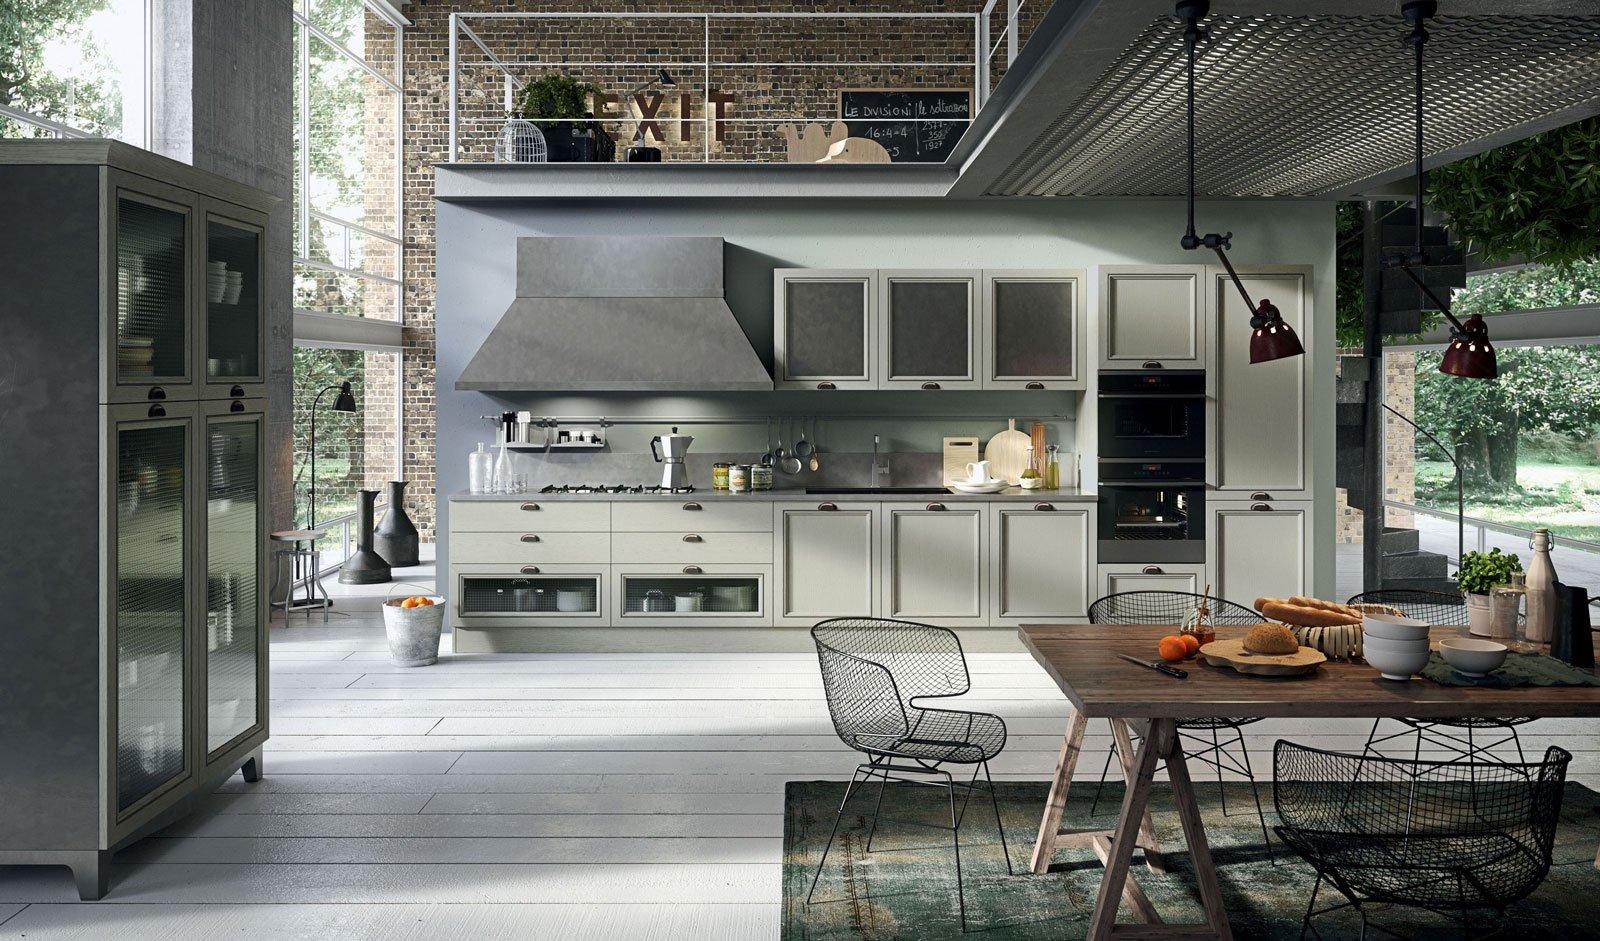 Magistra Di Aran Cucine è Un Modello Vintage Che Accosta Materiali  #5F4C3C 1600 941 Foto Di Cucine Vecchie